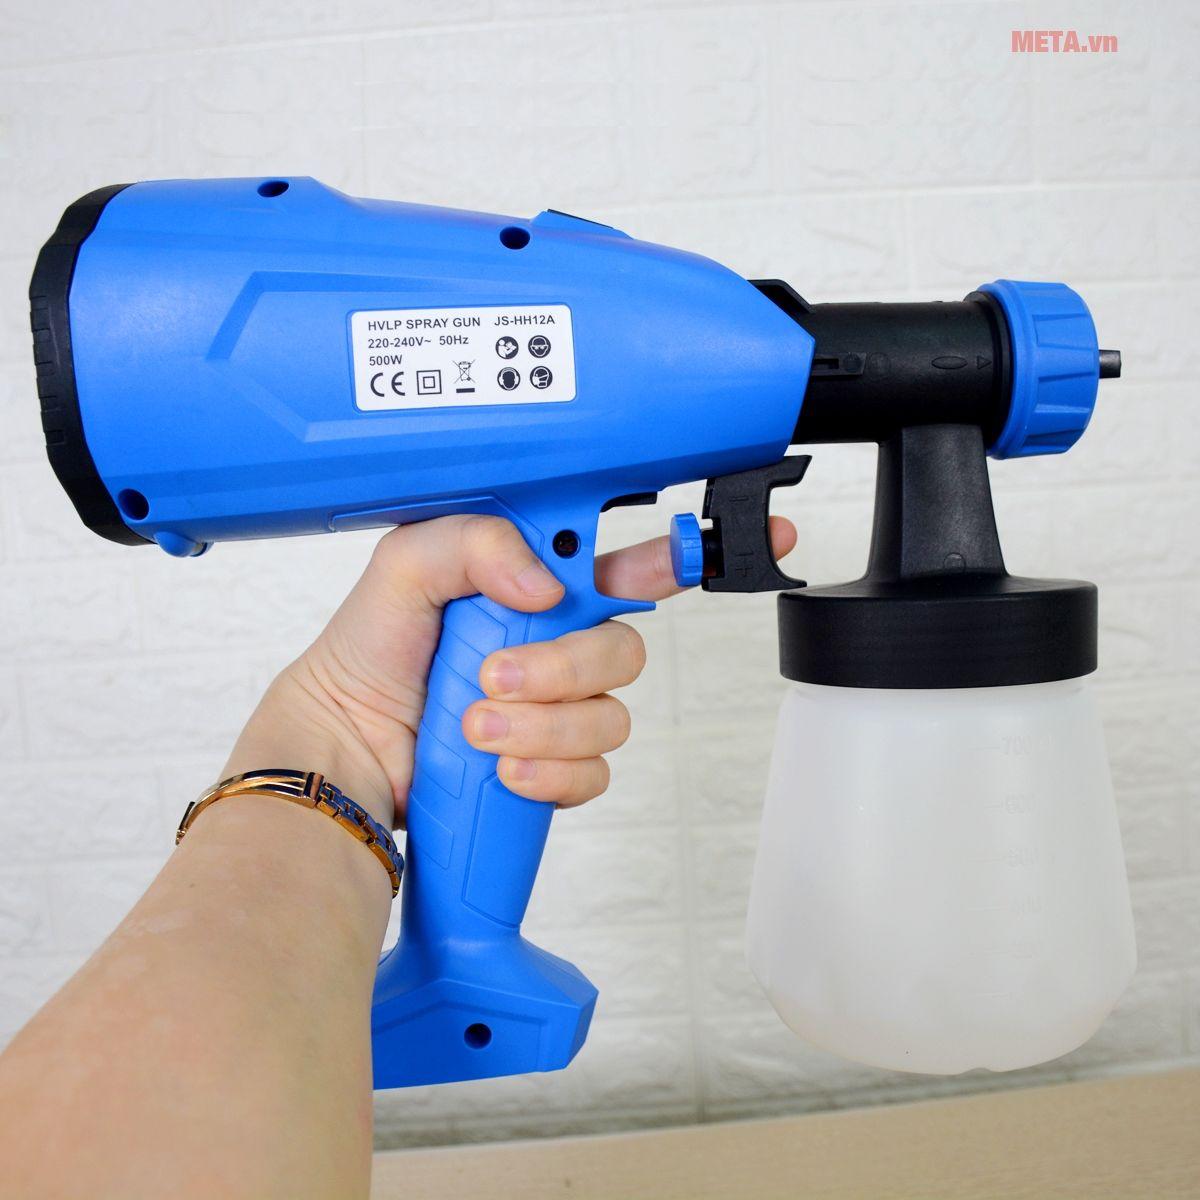 Máy phun sơn cầm tay Kachi MK07 nhỏ gọn, dễ thao tác